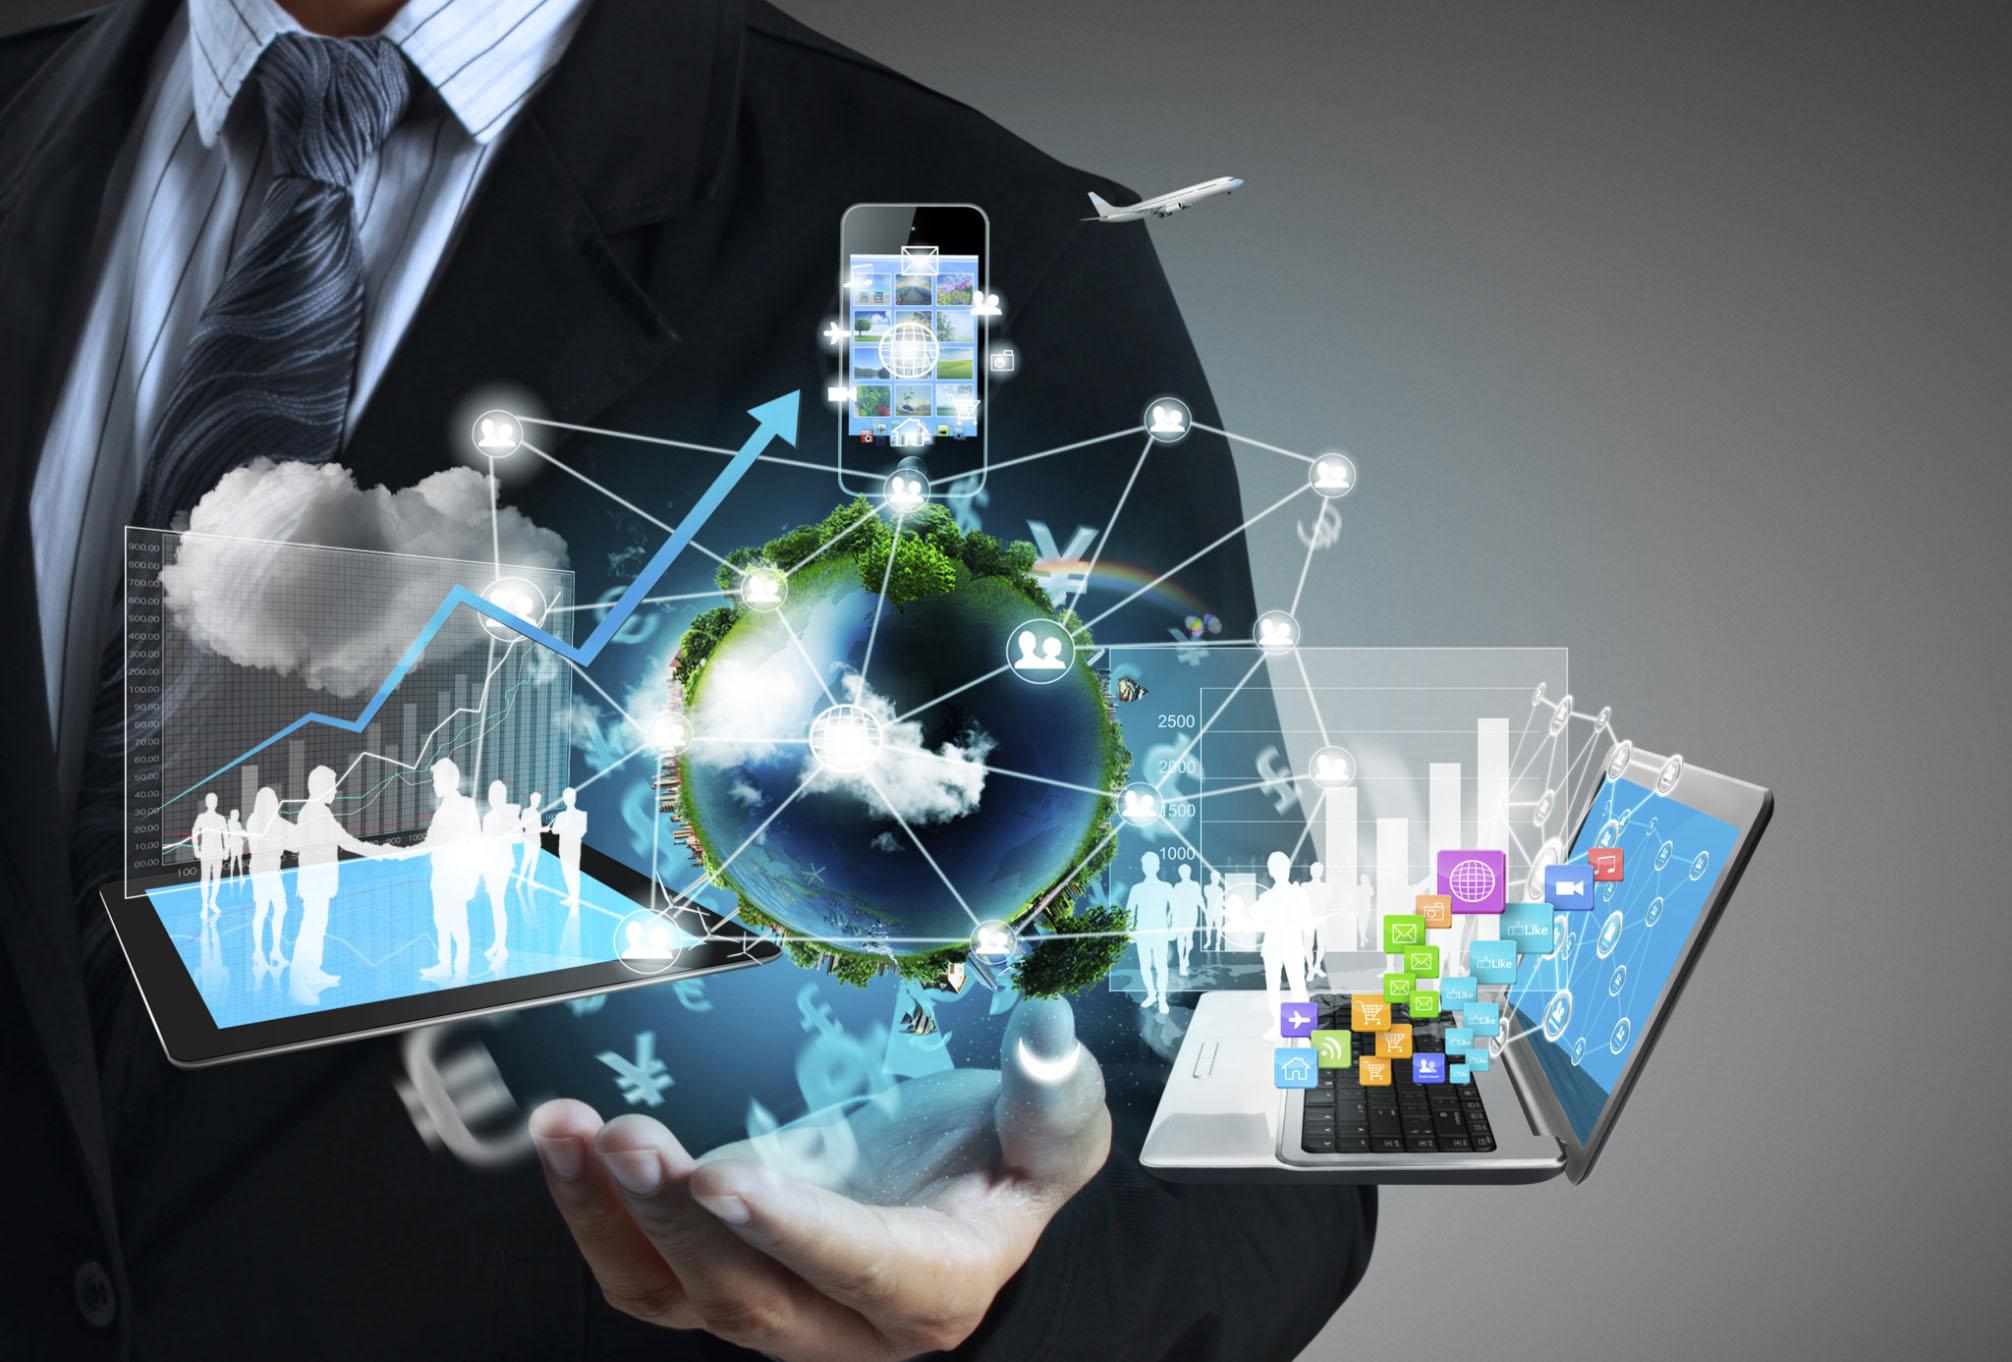 Distintas organizaciones analizaron el nivel de innovación de 128 países del mundo y Chile es el primer país latino en suscribirse ocupando el puesto 44 del estudio